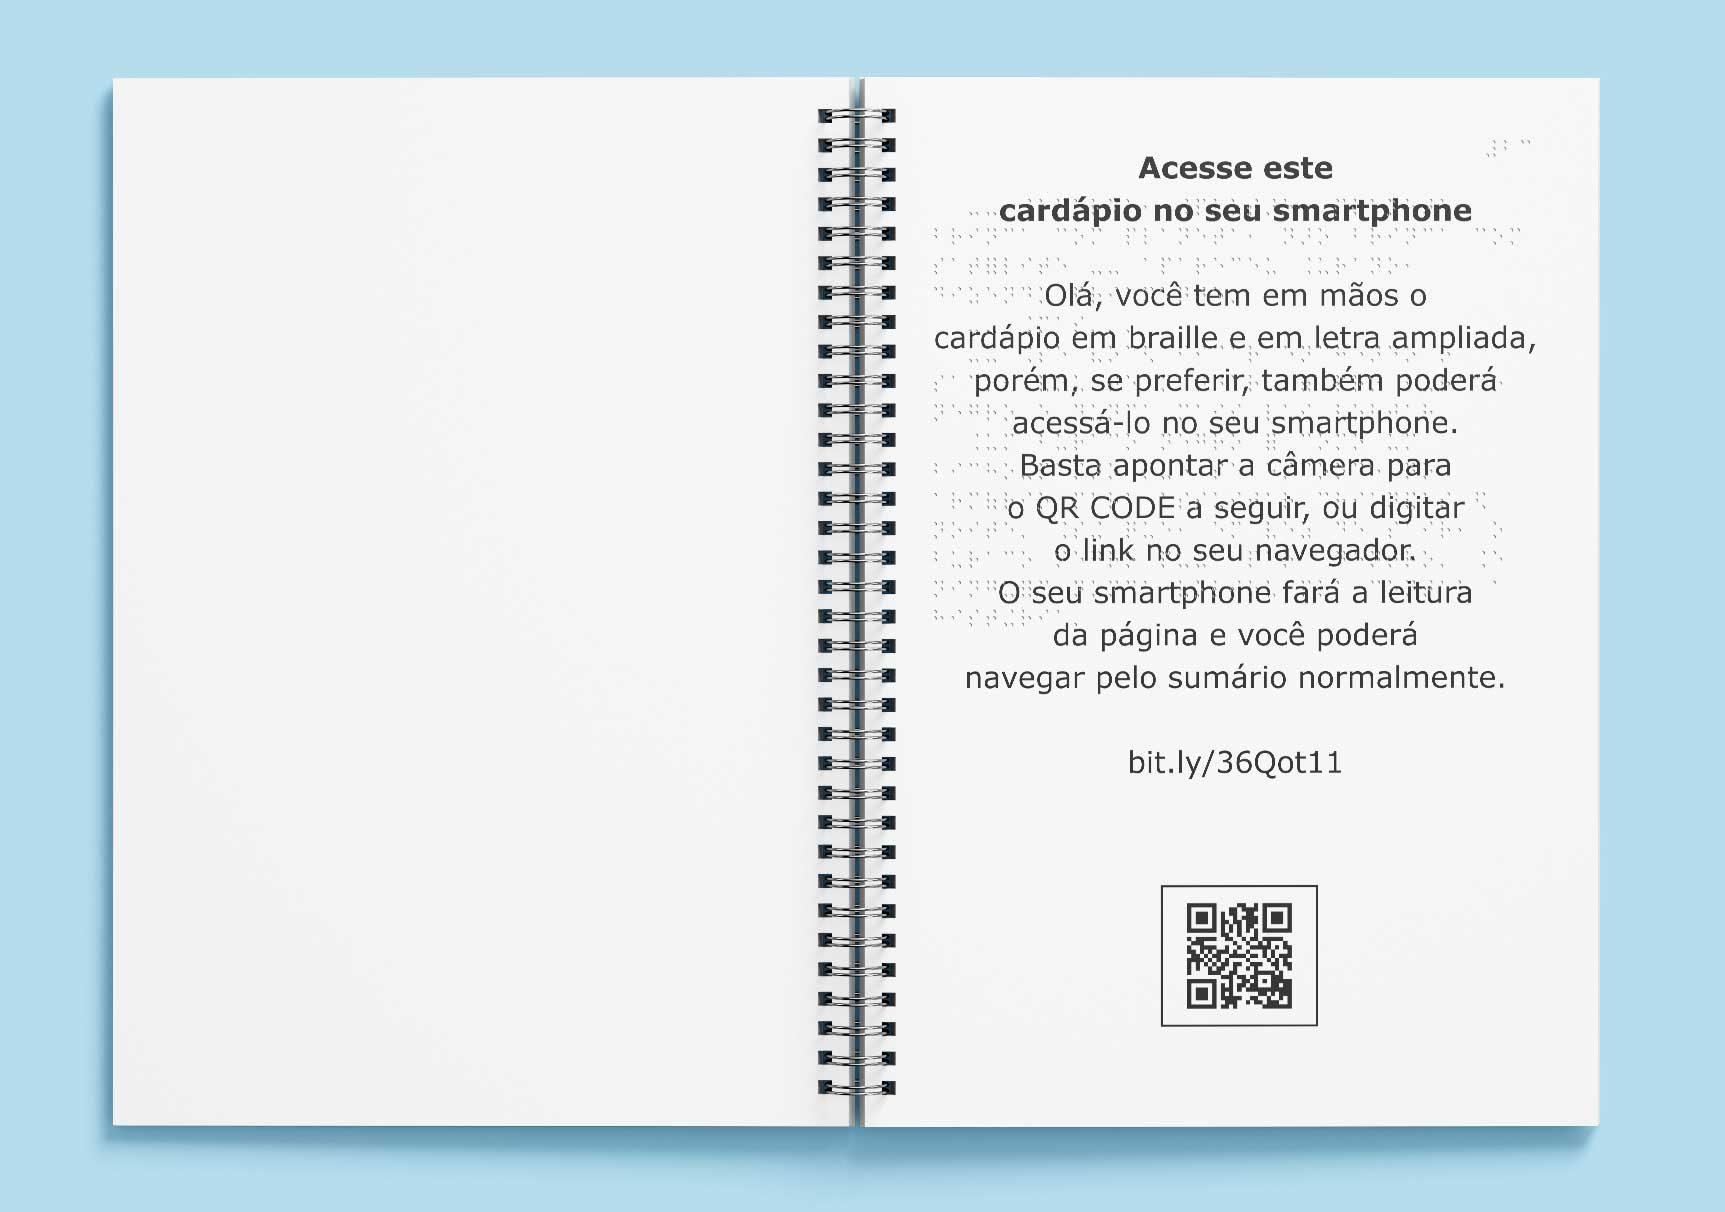 Cardápio em braille com QR CODE na primeira página.